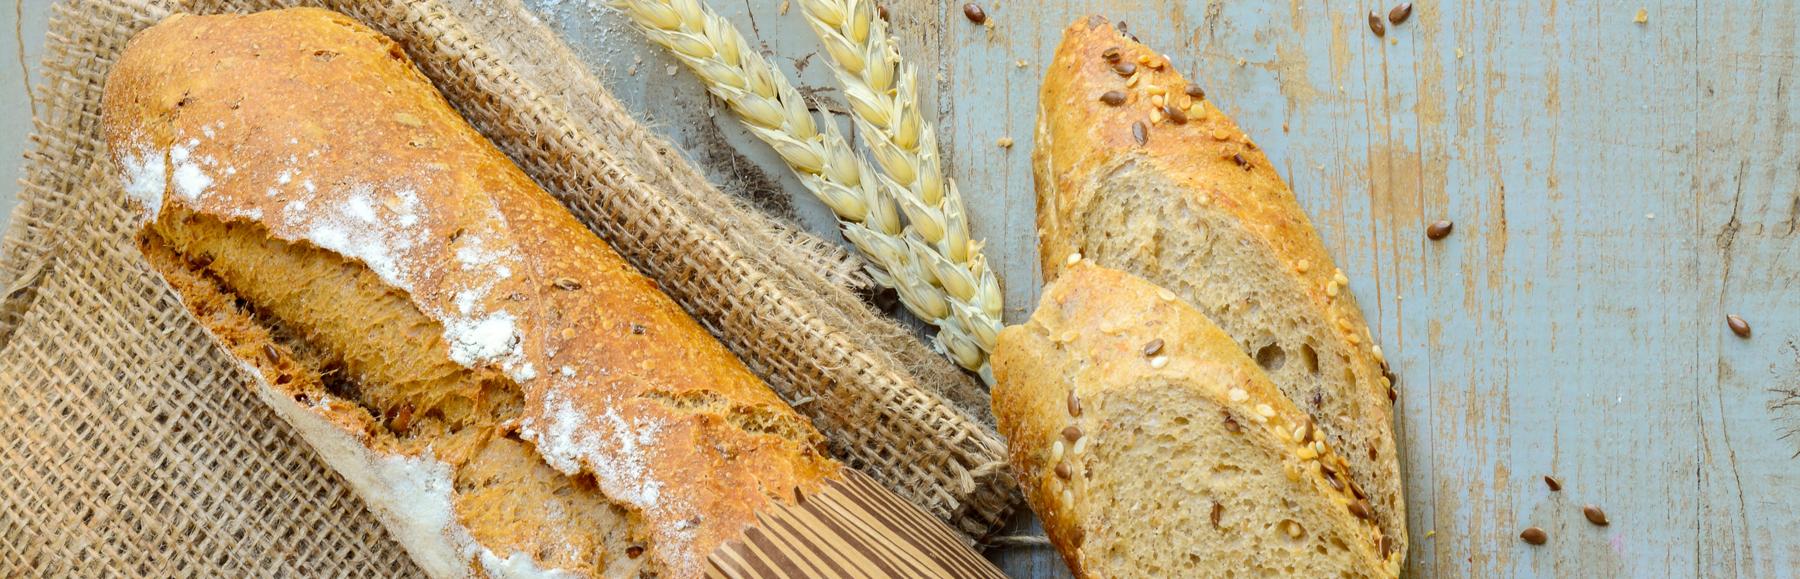 bread-slide